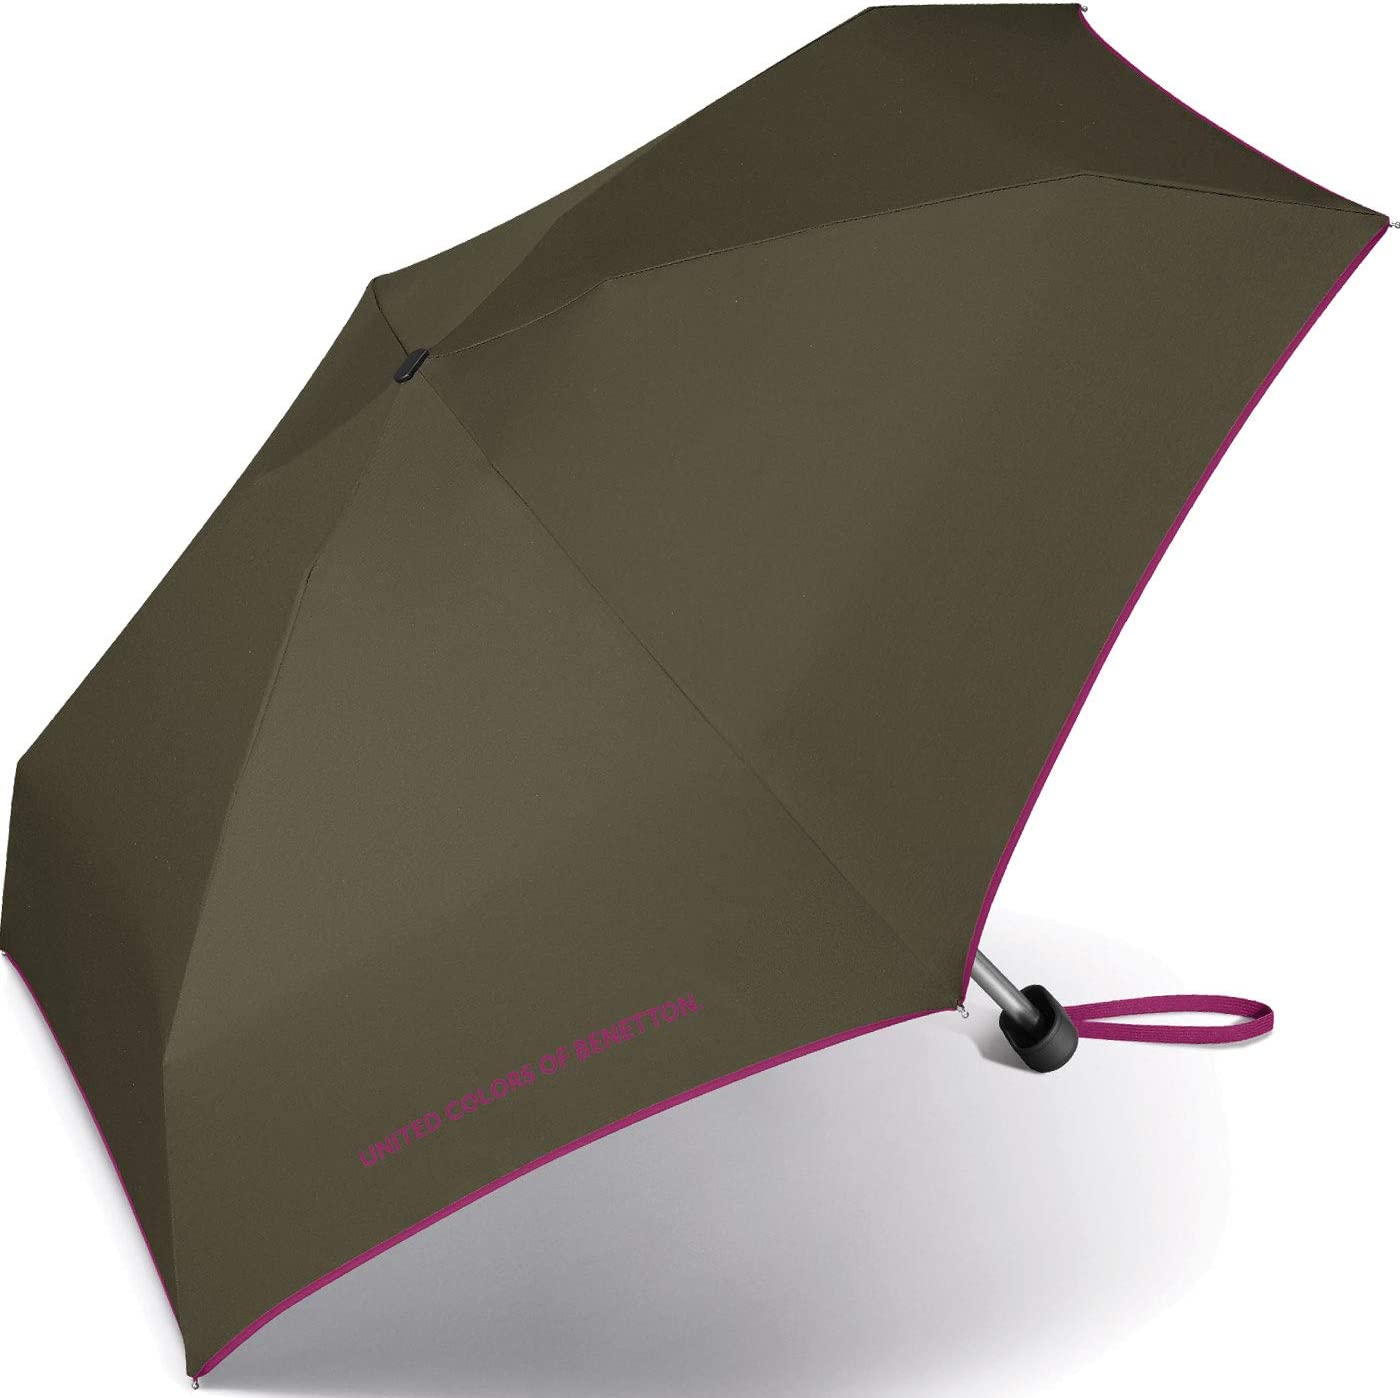 Couleur Vert Kaki. 8 tiges de 88 cm de diam/ètre Parapluie Ultra Mini Femme Manuel United Colors of Benetton